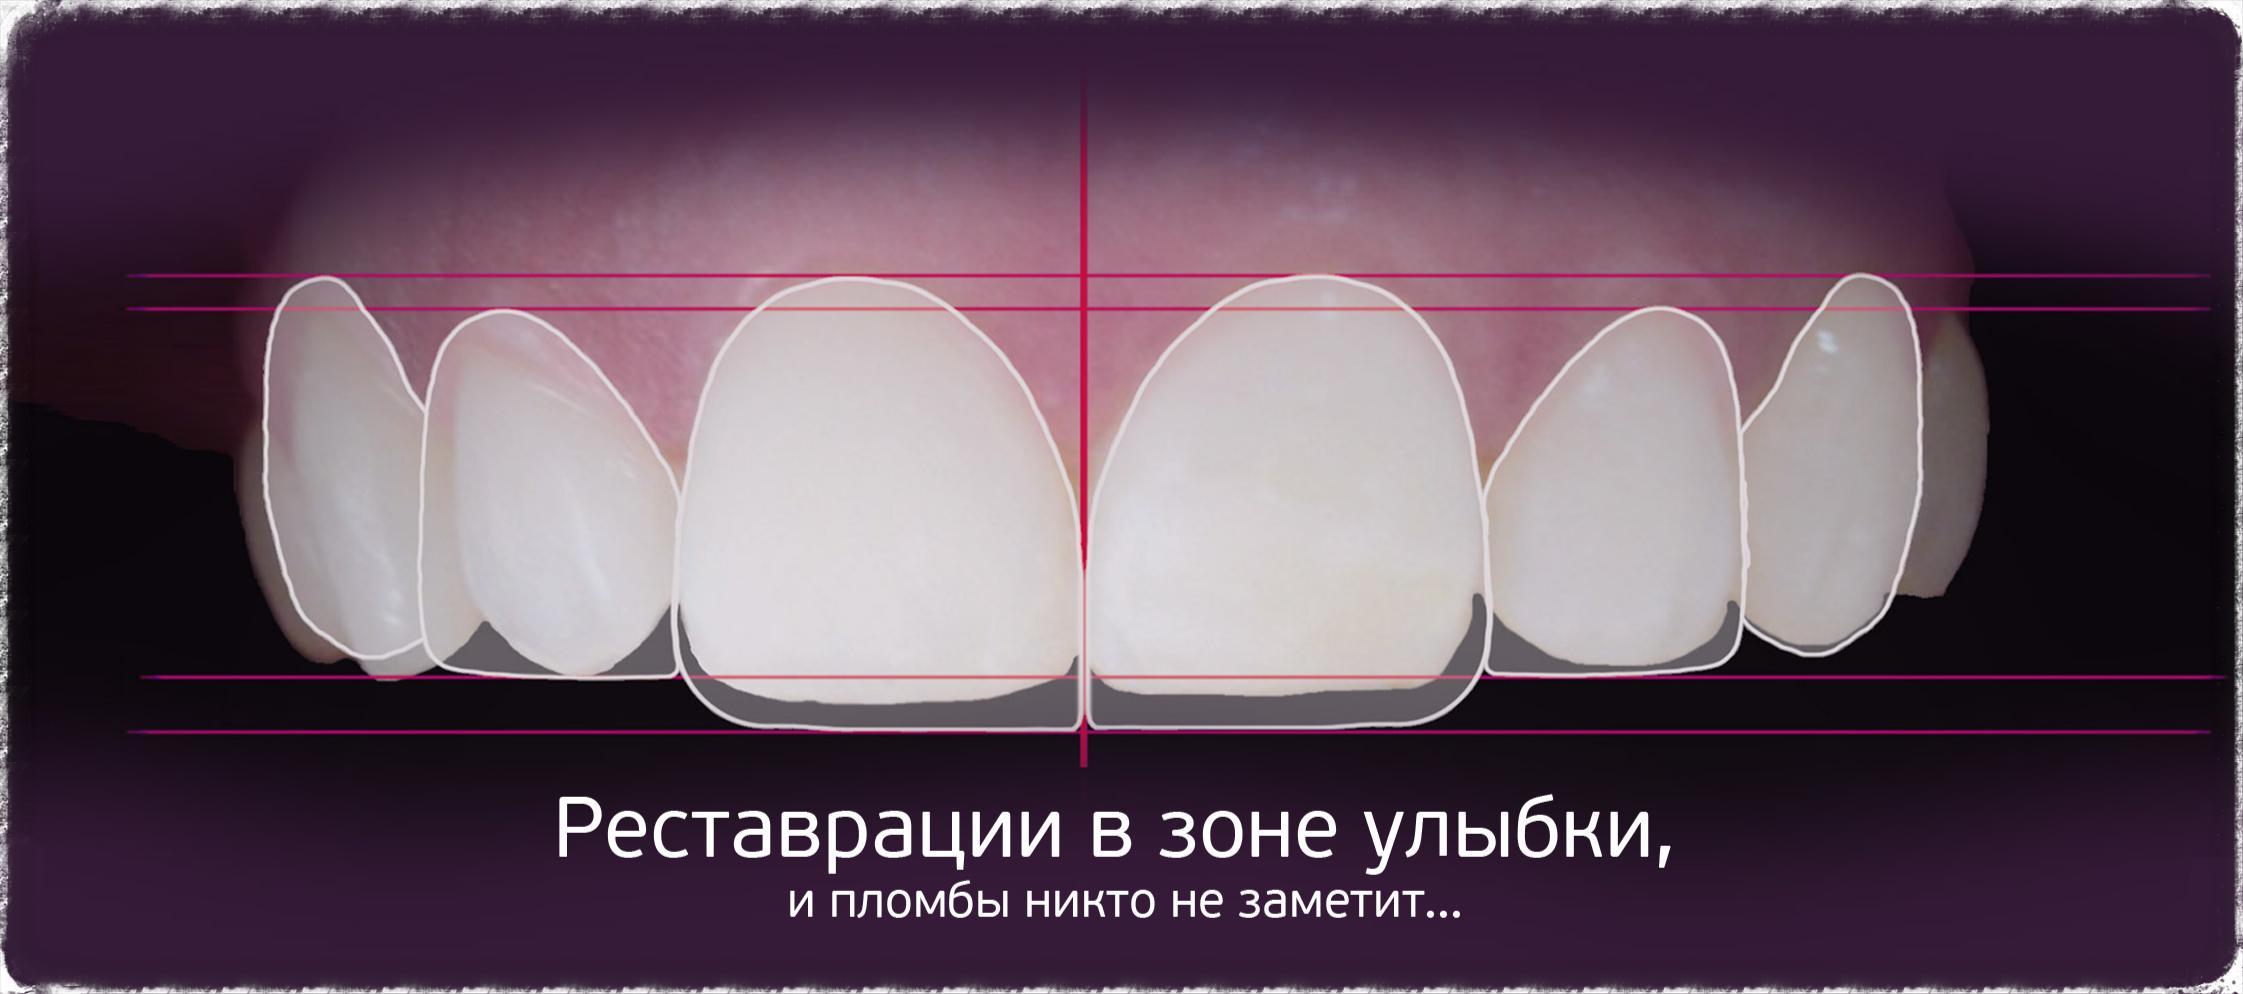 Реставрация в зоне улыбки